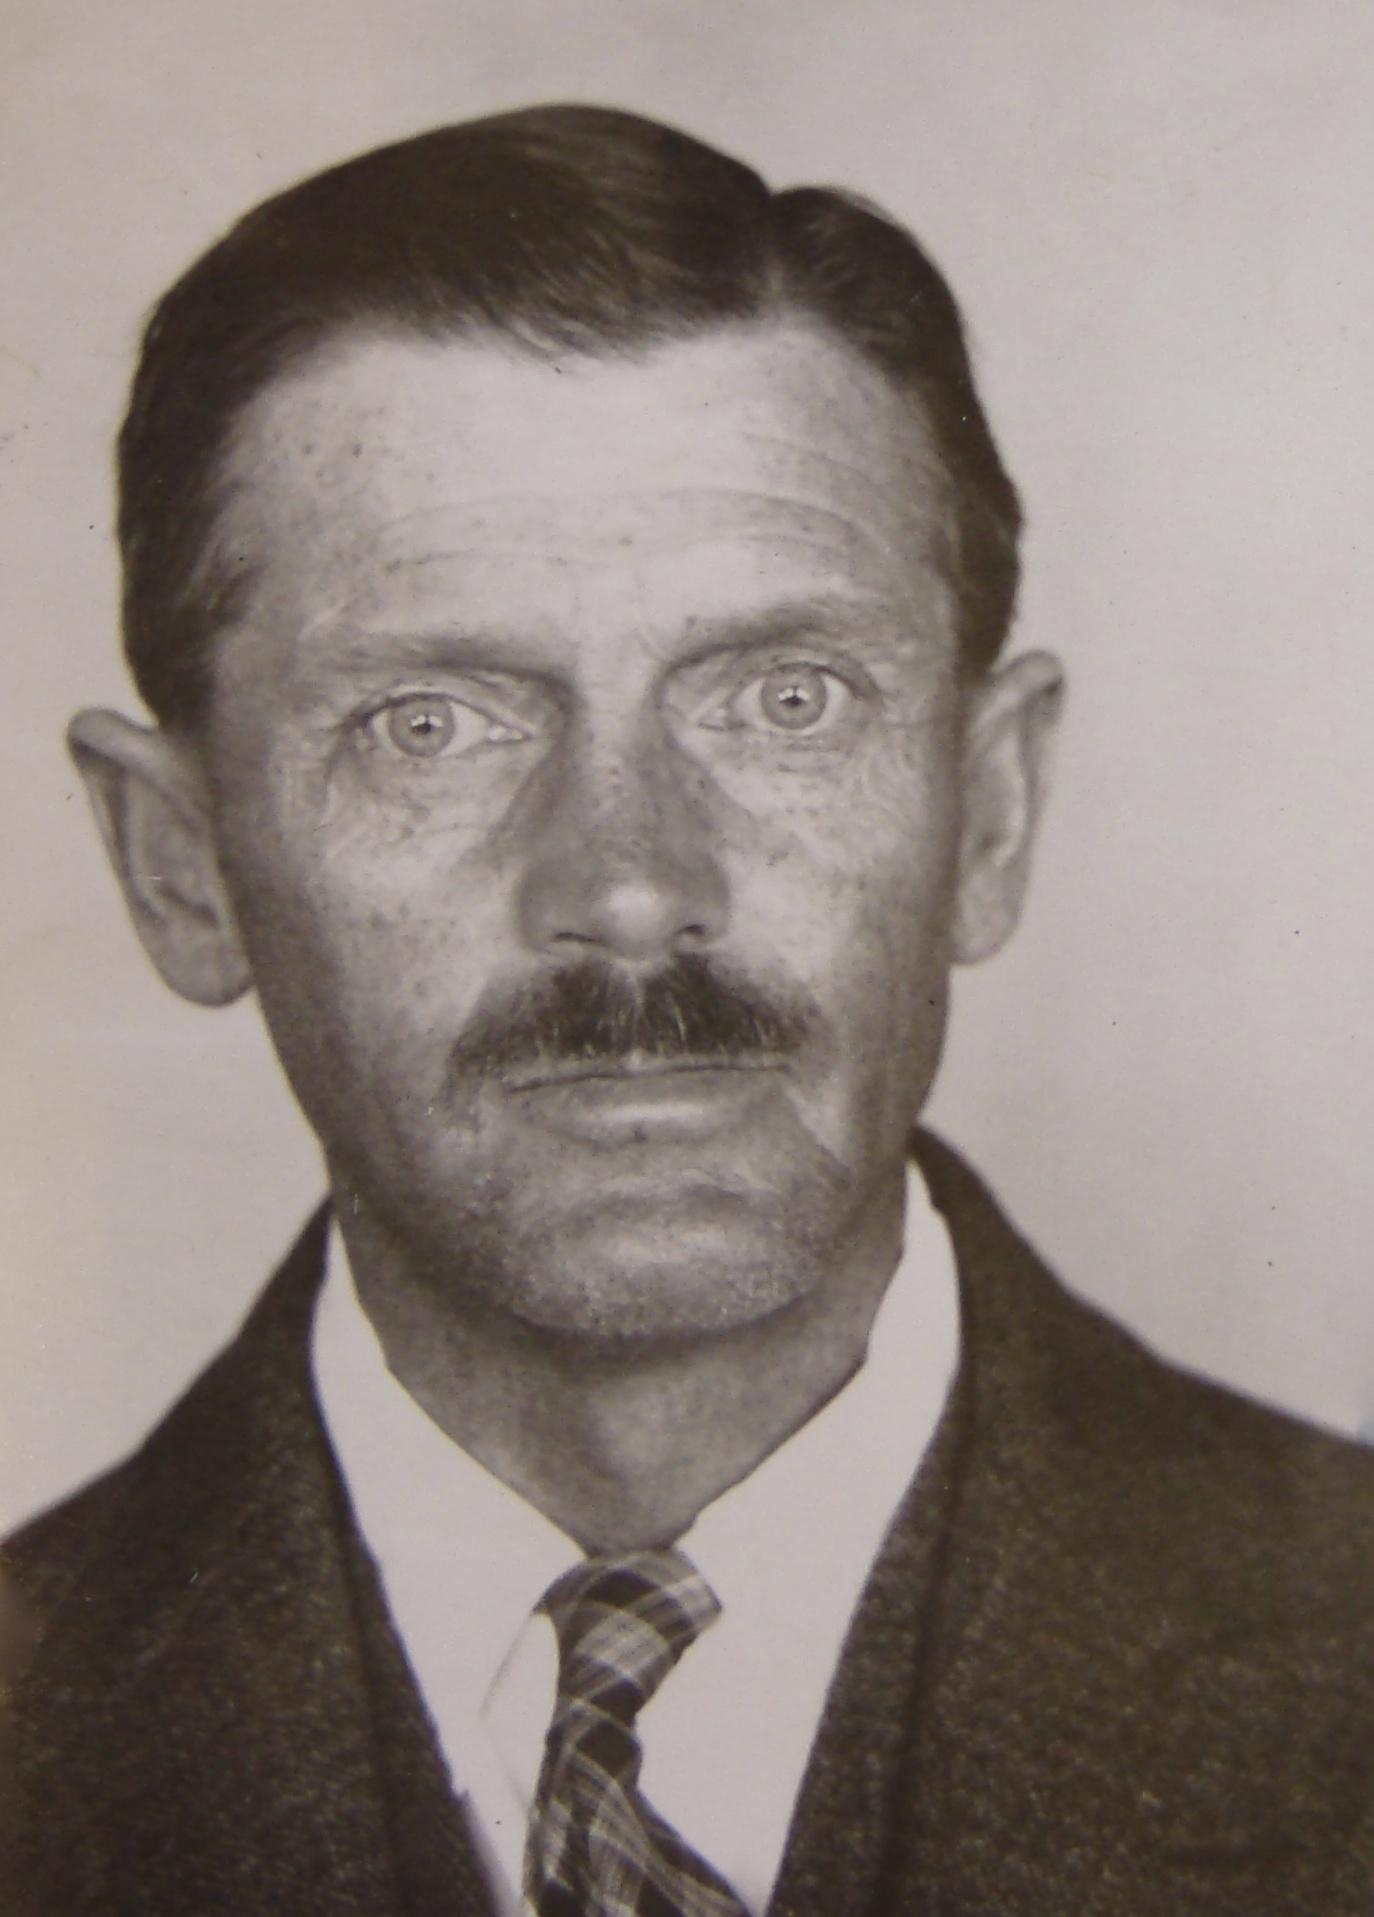 Fremdenlegionär, Trinker, Verwahrter: Karl Alois Deiss.